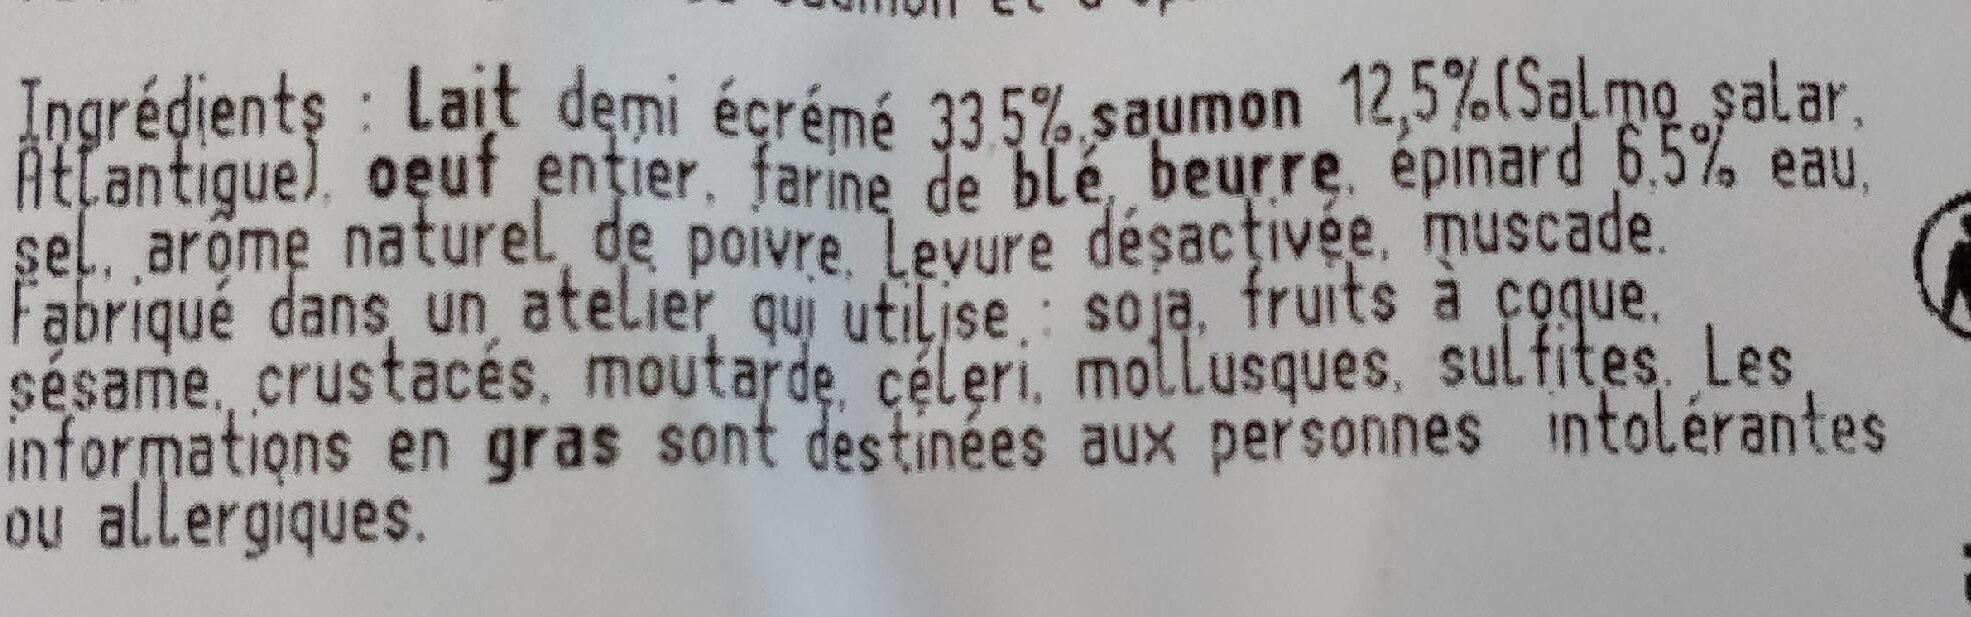 Quiche saumon - Ingrédients